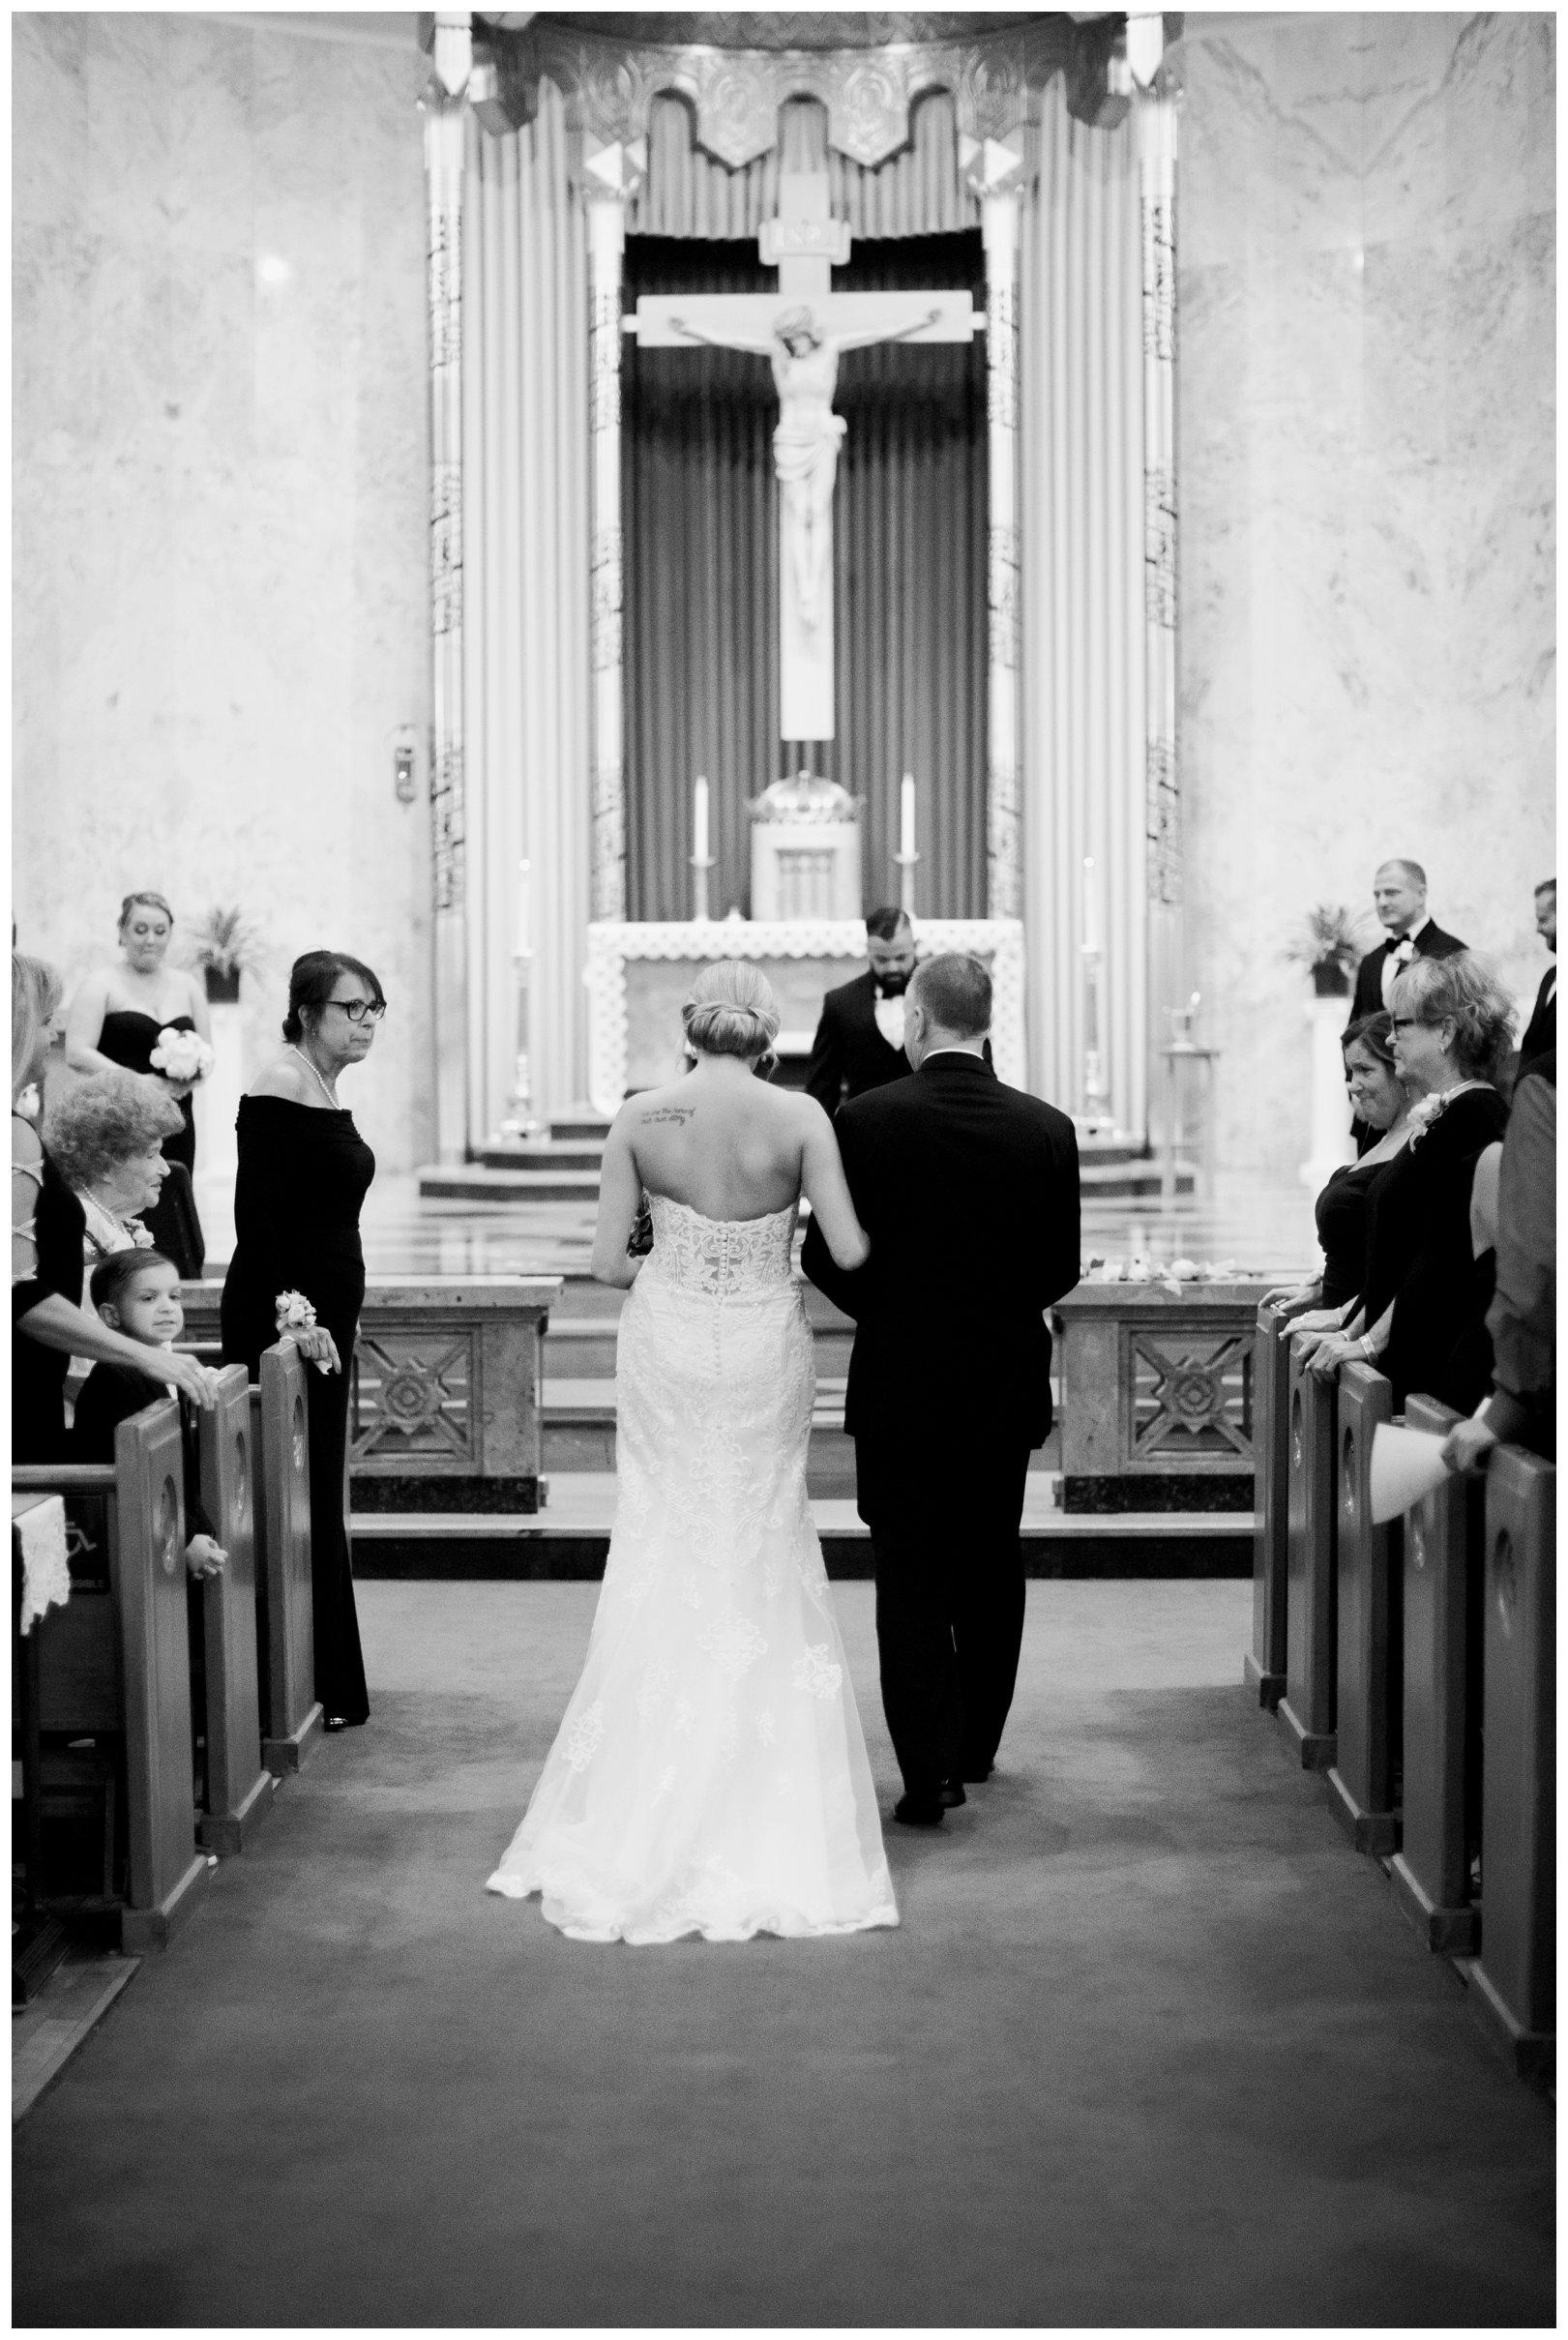 lauren muckler photography_fine art film wedding photography_st louis_photography_2140.jpg